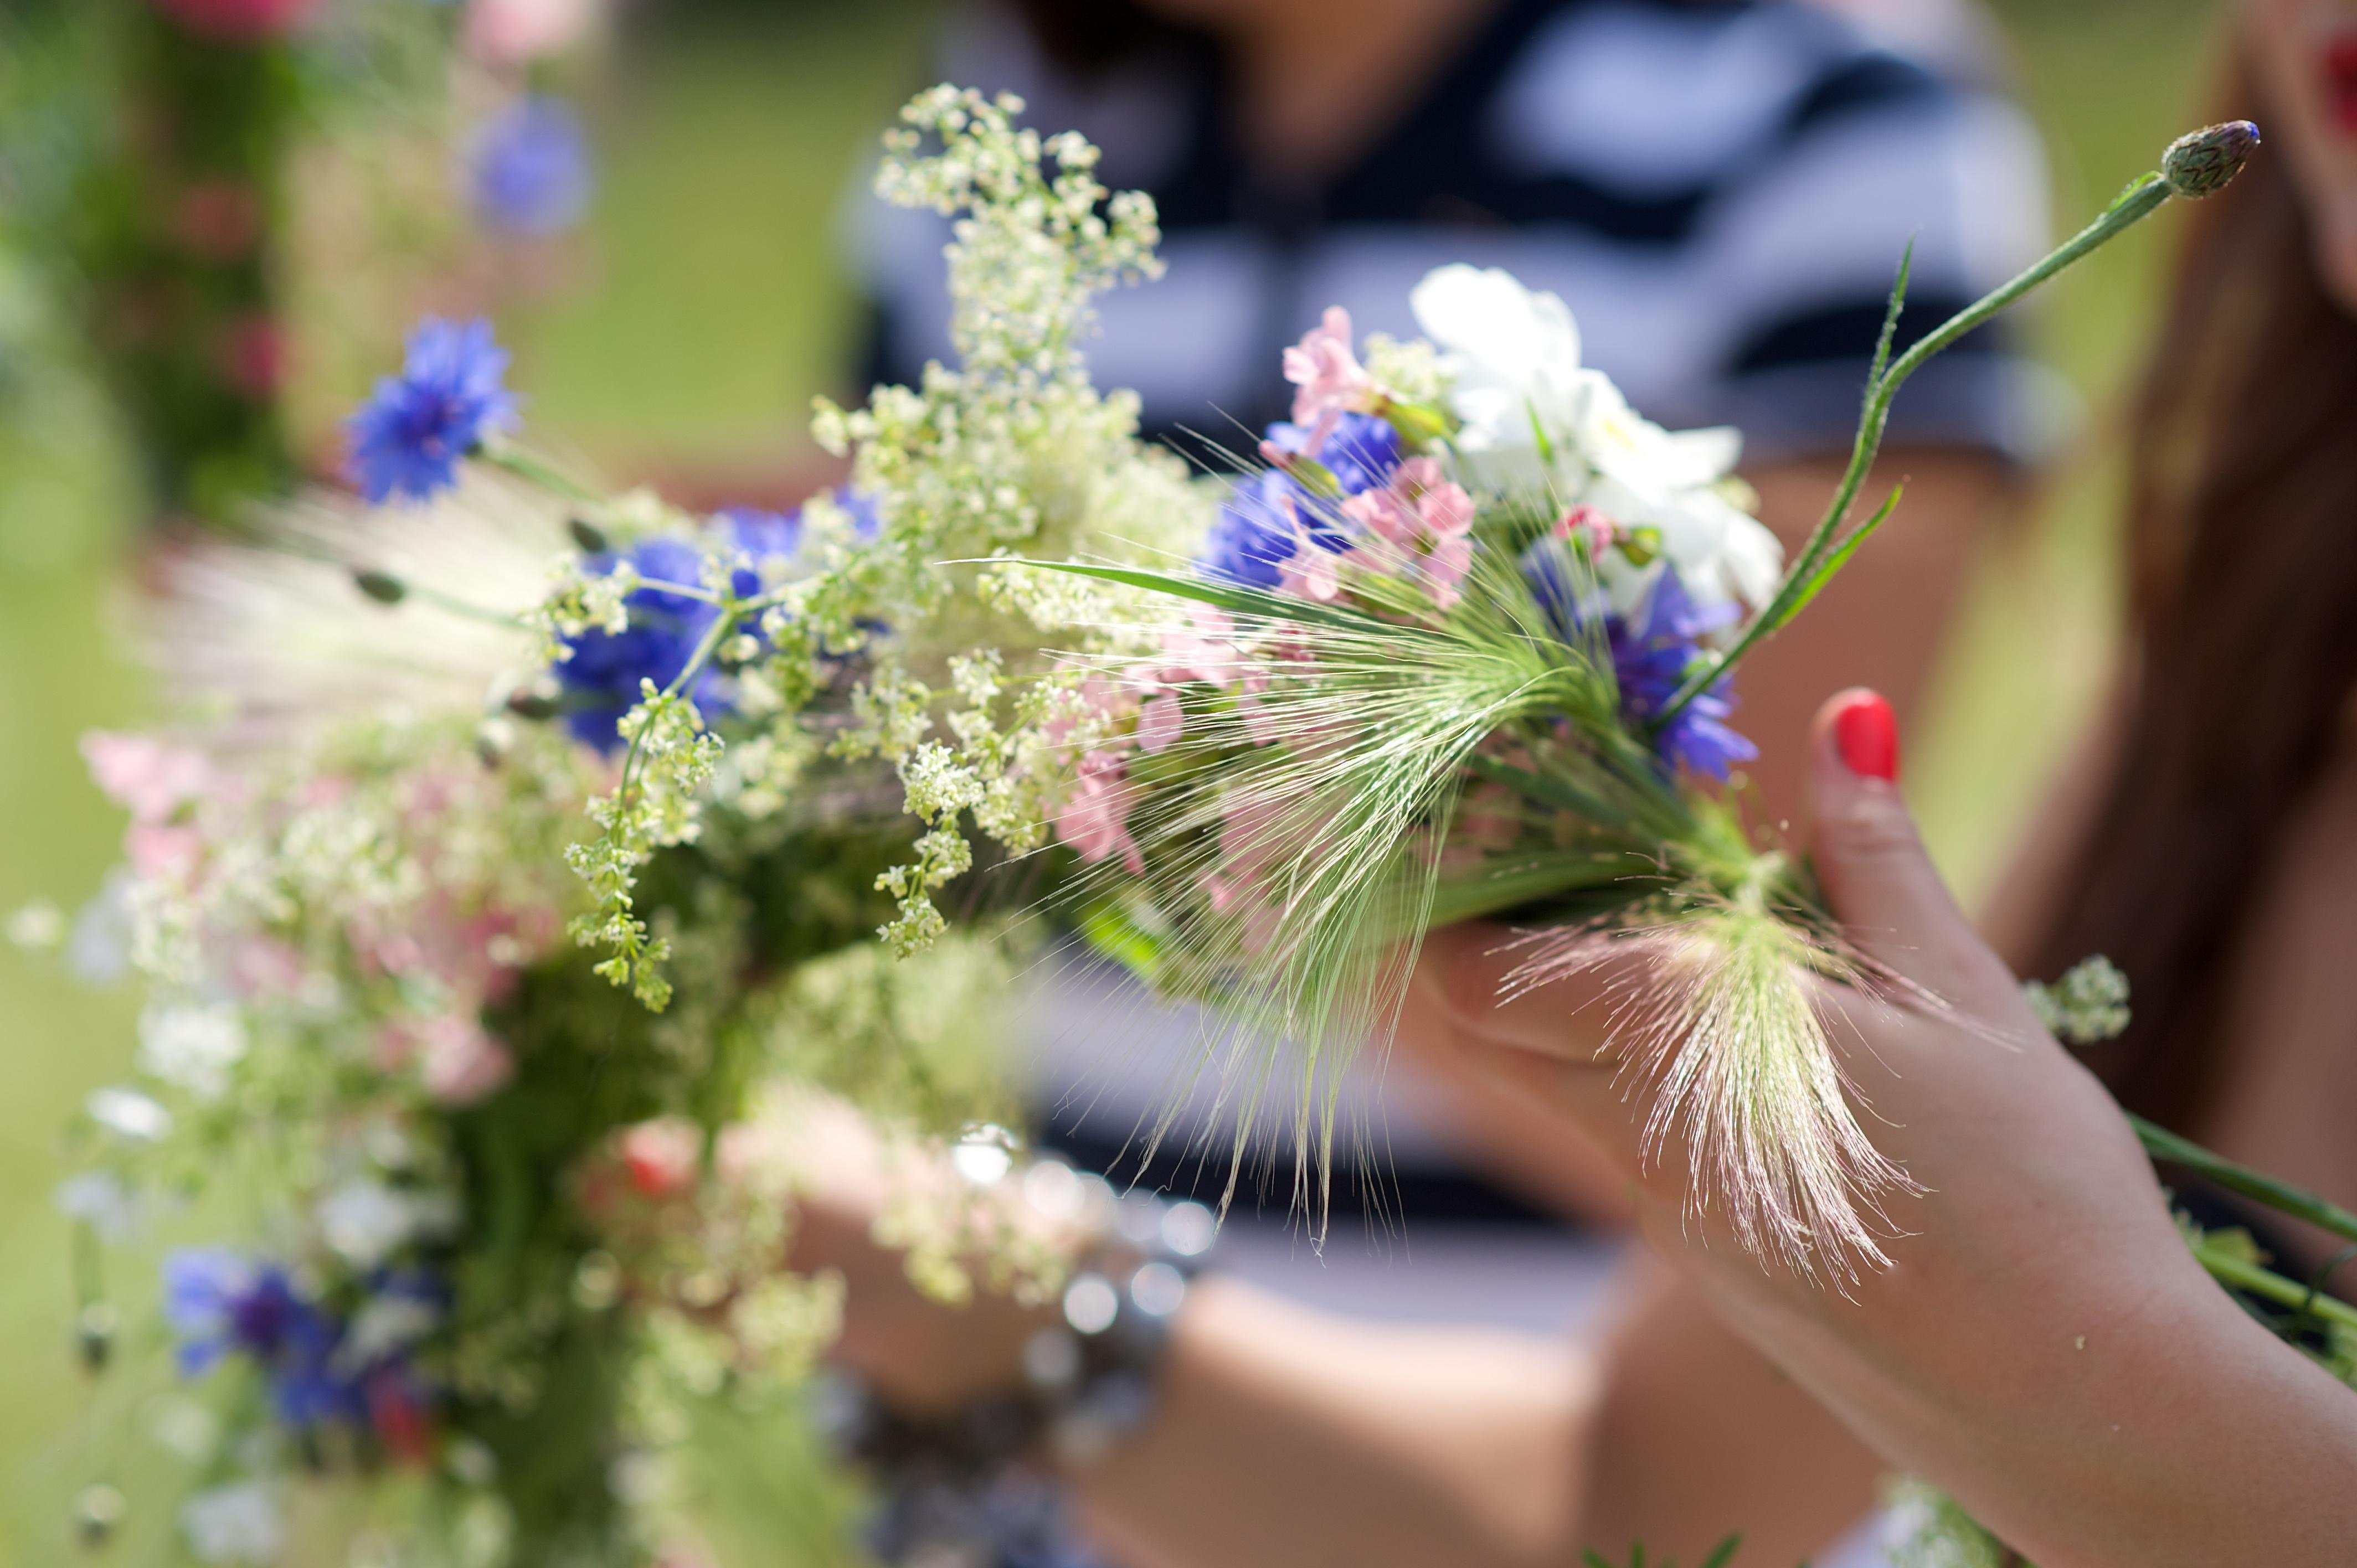 Por la mañana se recogen flores frescas para después tejer las coronas que servirán de tocado a las mujeres.